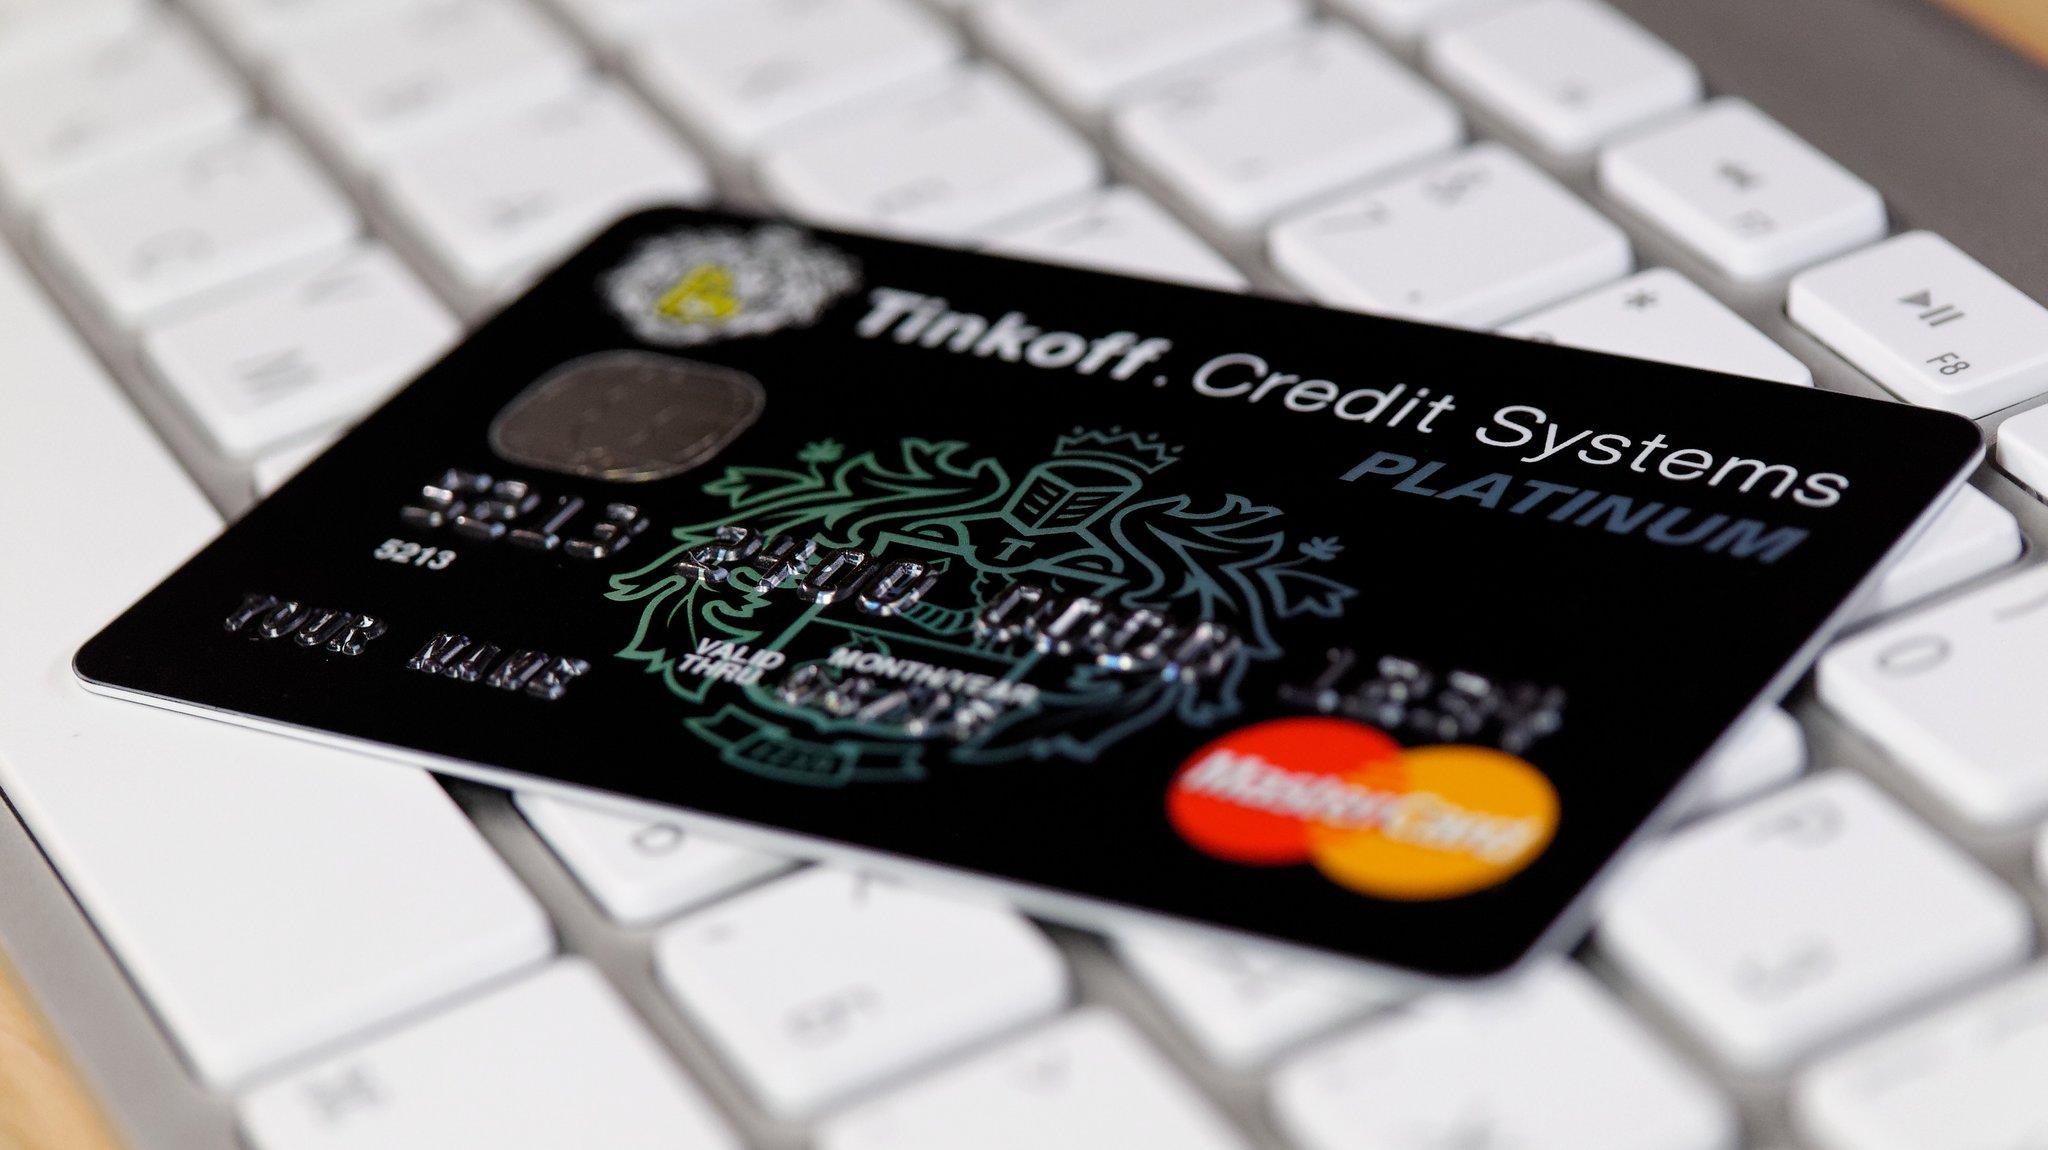 отзывы о банке тинькофф кредиты наличными без справок сбербанк онлайн зарплата